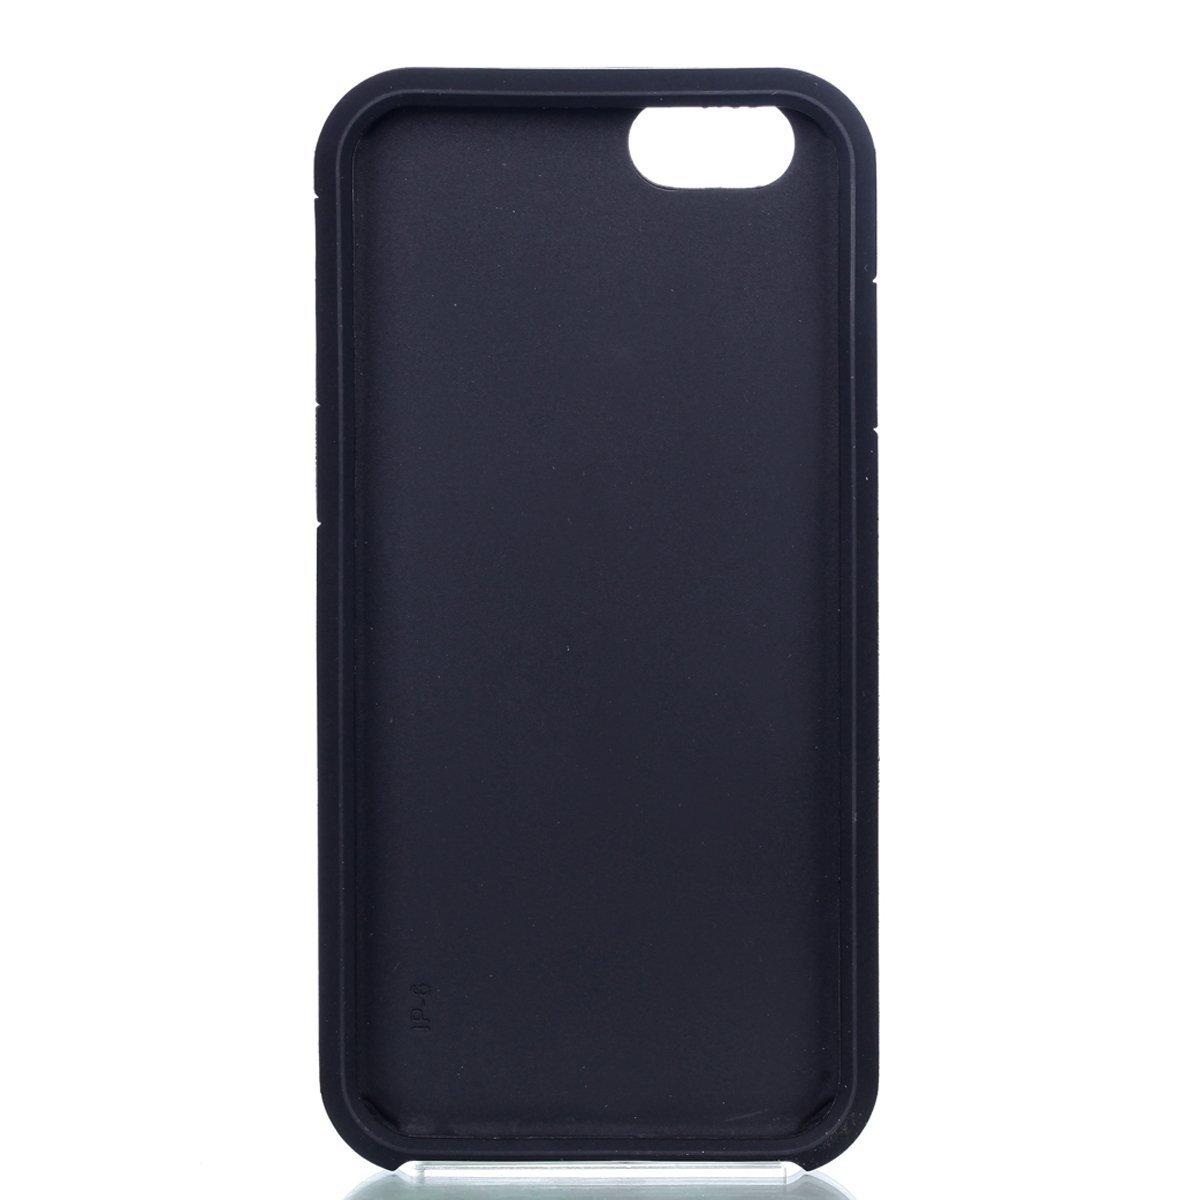 Điện thoại iPhone 6S vỏ điện thoại iPhone 6, vỏ túi chống bụi chống rung ikasus trộn nặng mềm silica